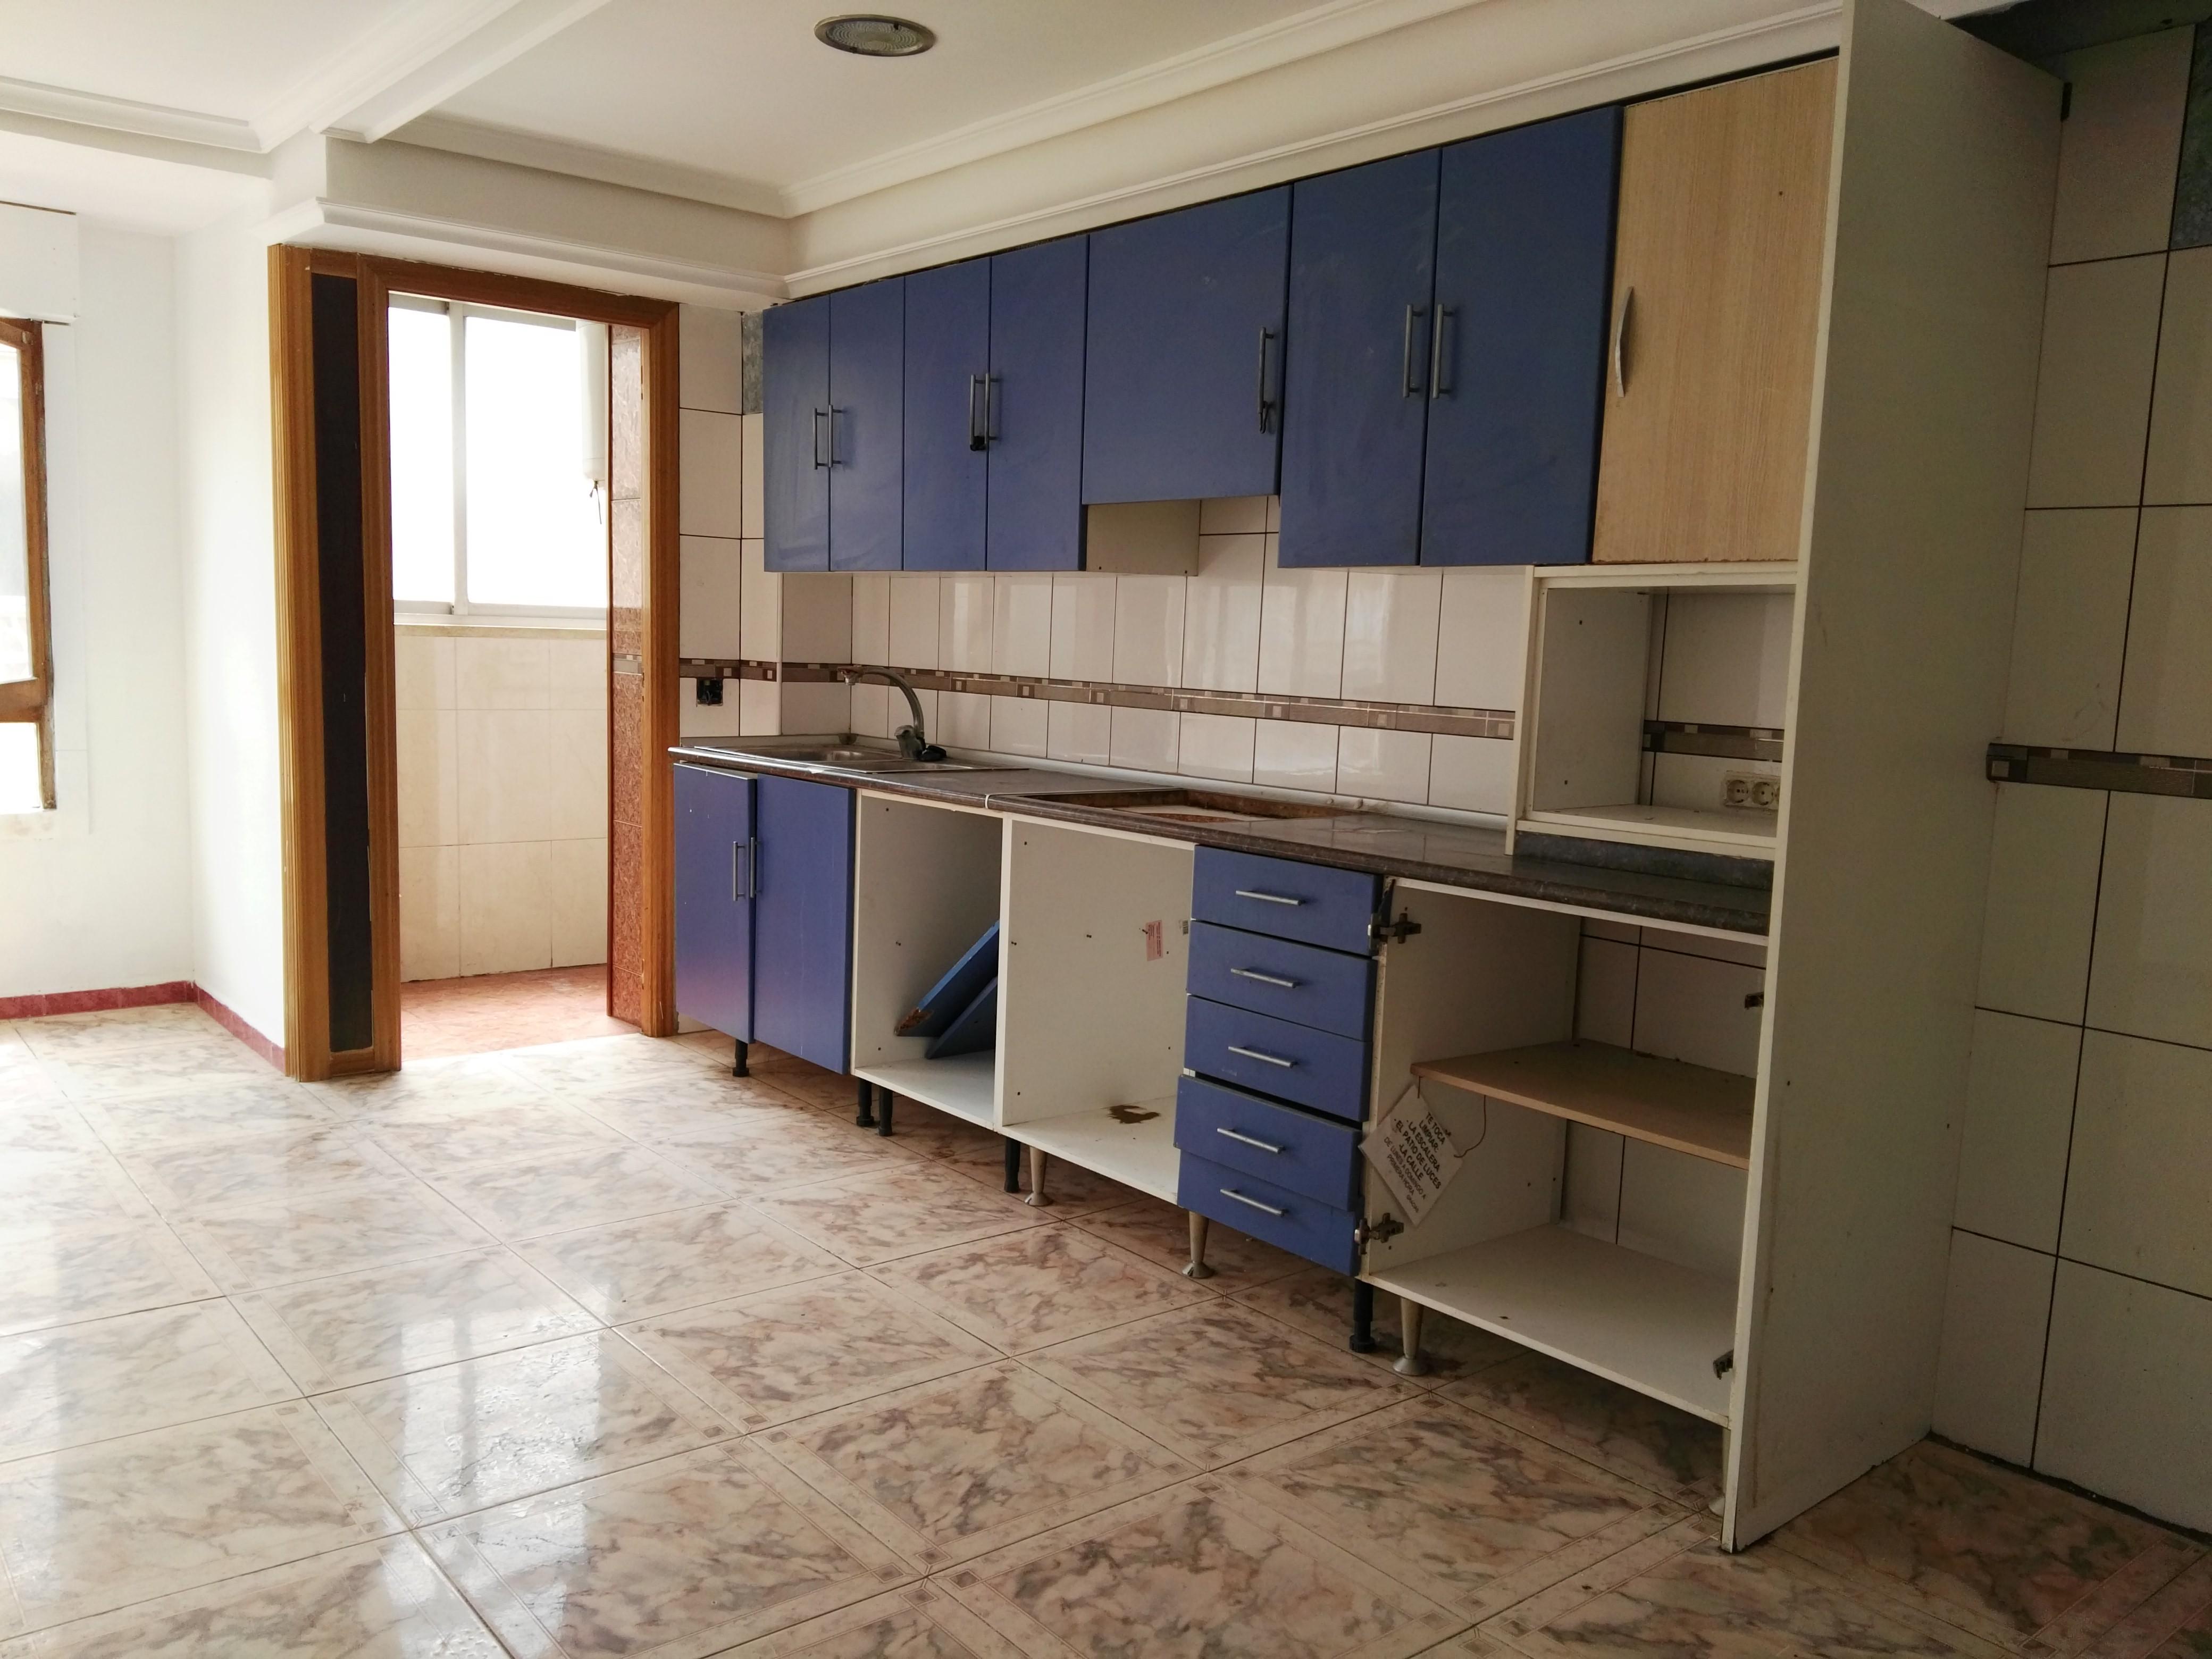 Piso en venta en Almazora/almassora, Castellón, Calle D.juan de Austria, 32.000 €, 3 habitaciones, 1 baño, 88 m2